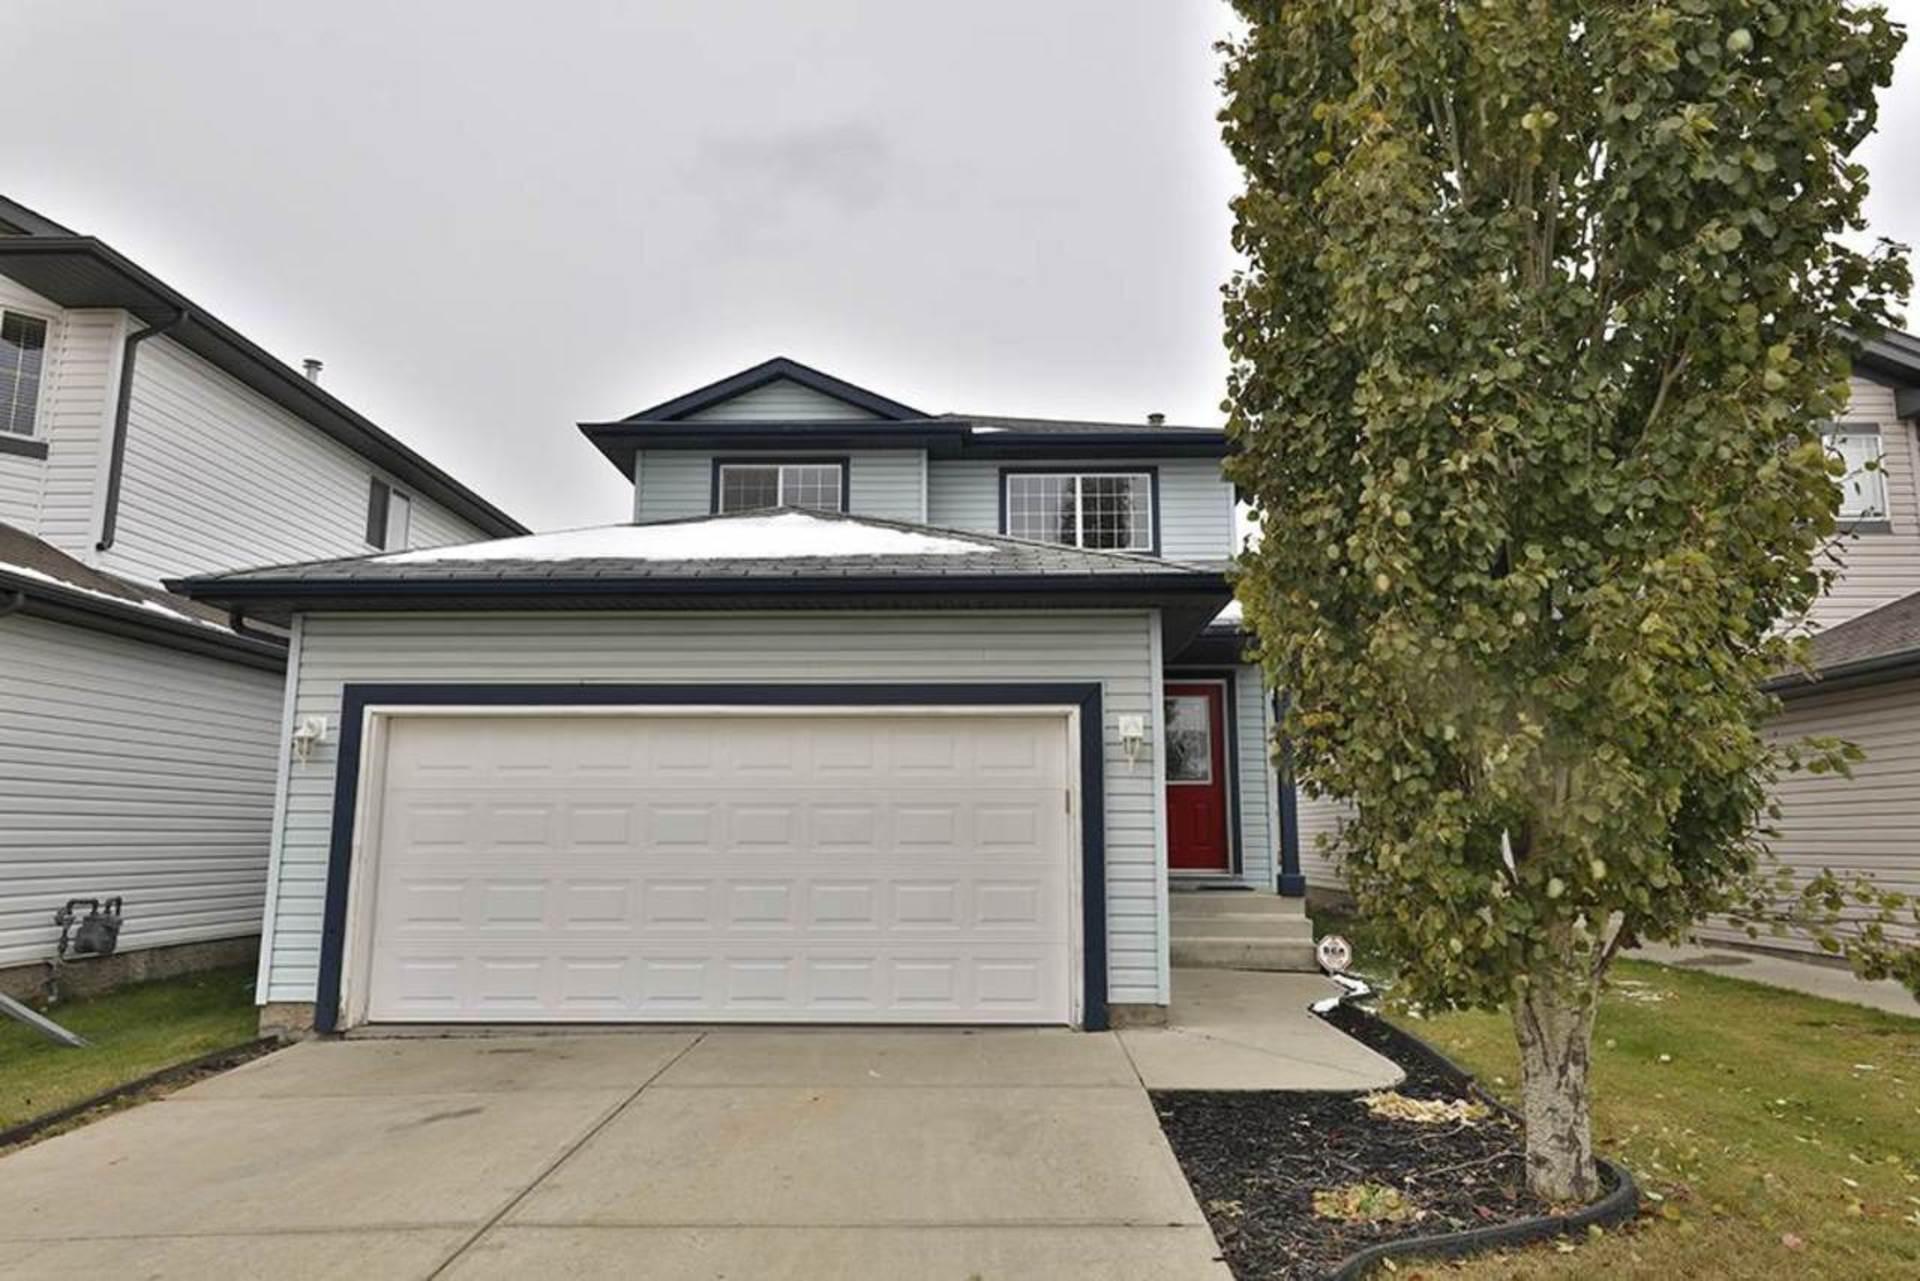 17316-119-street-canossa-edmonton-01 at 17316 119 Street, Canossa, Edmonton